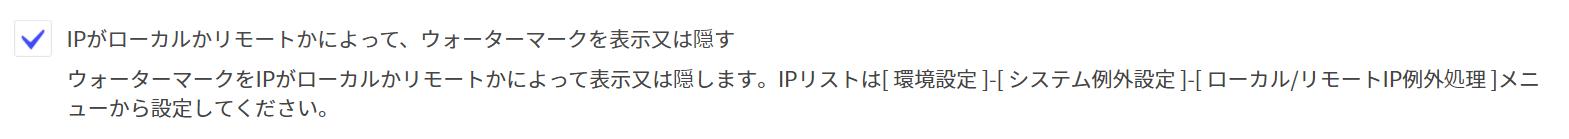 スクリーンウォーターマークの新機能 IPアドレスで透かしの表示有無を設定可能